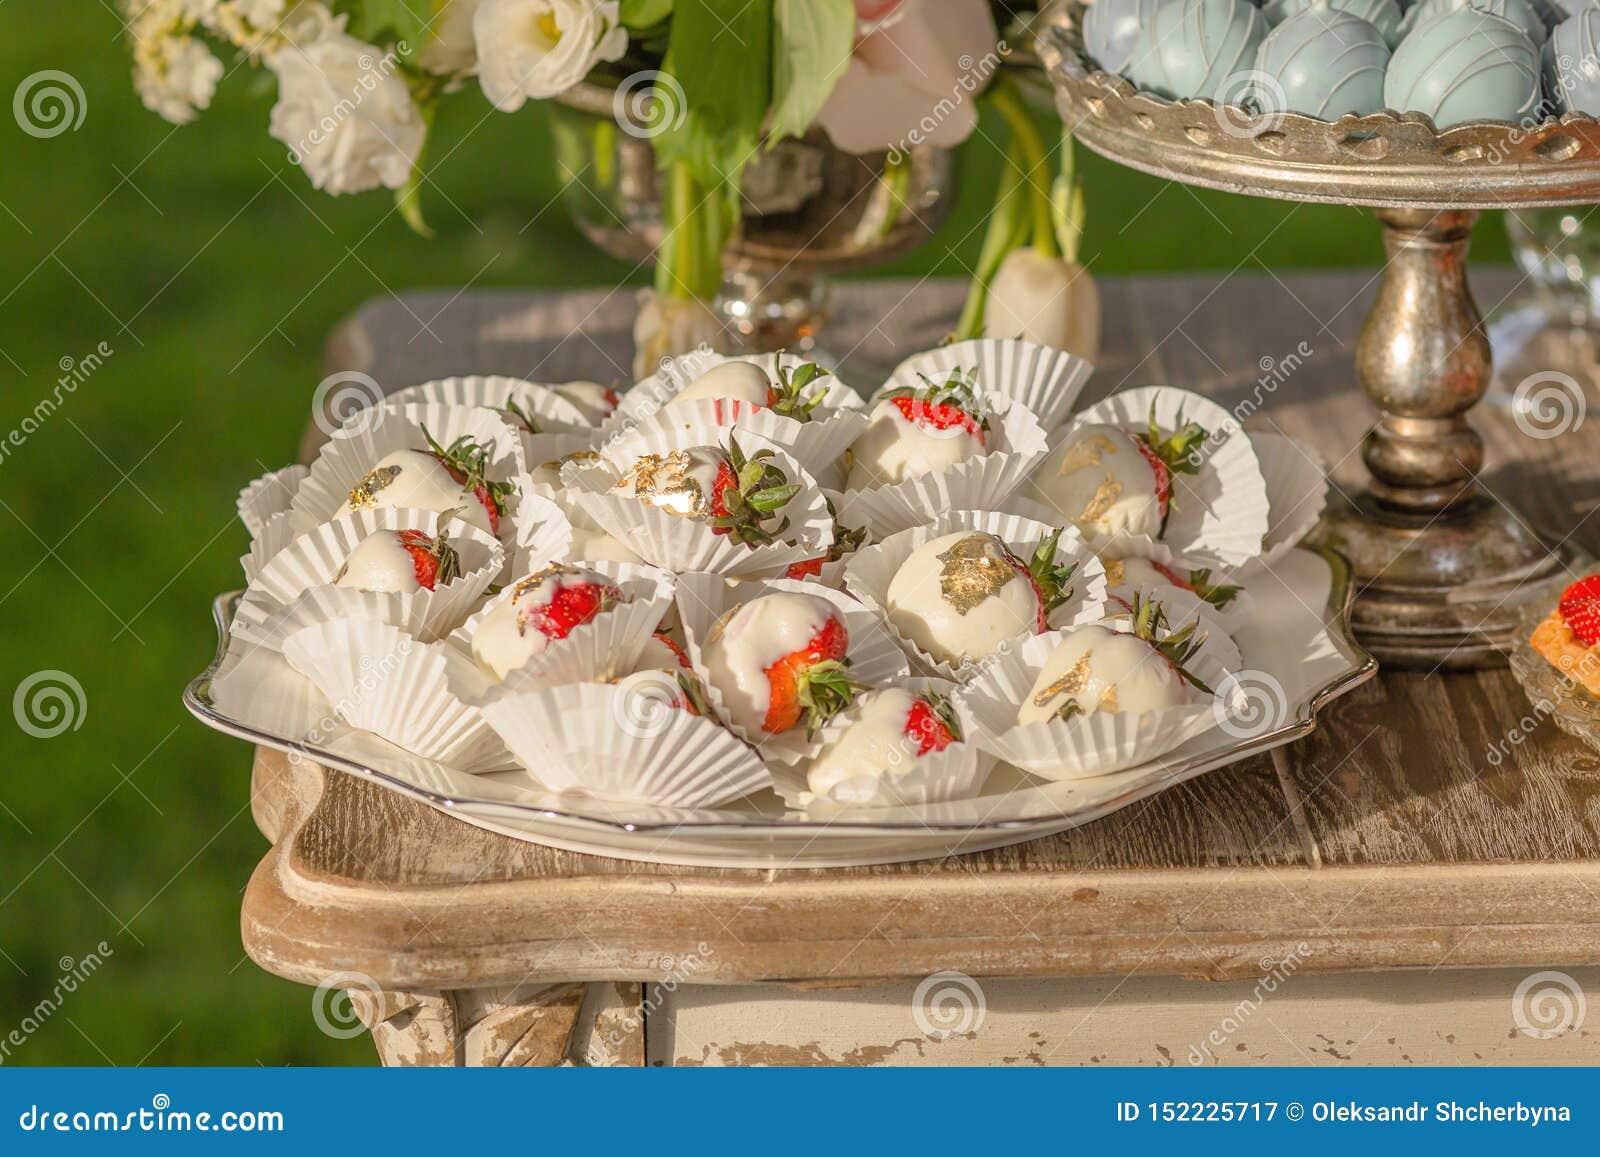 Fondo dai dessert assortiti per gli ospiti di una festa nuziale o di una fragola di compleanno in cioccolato al latte bianco